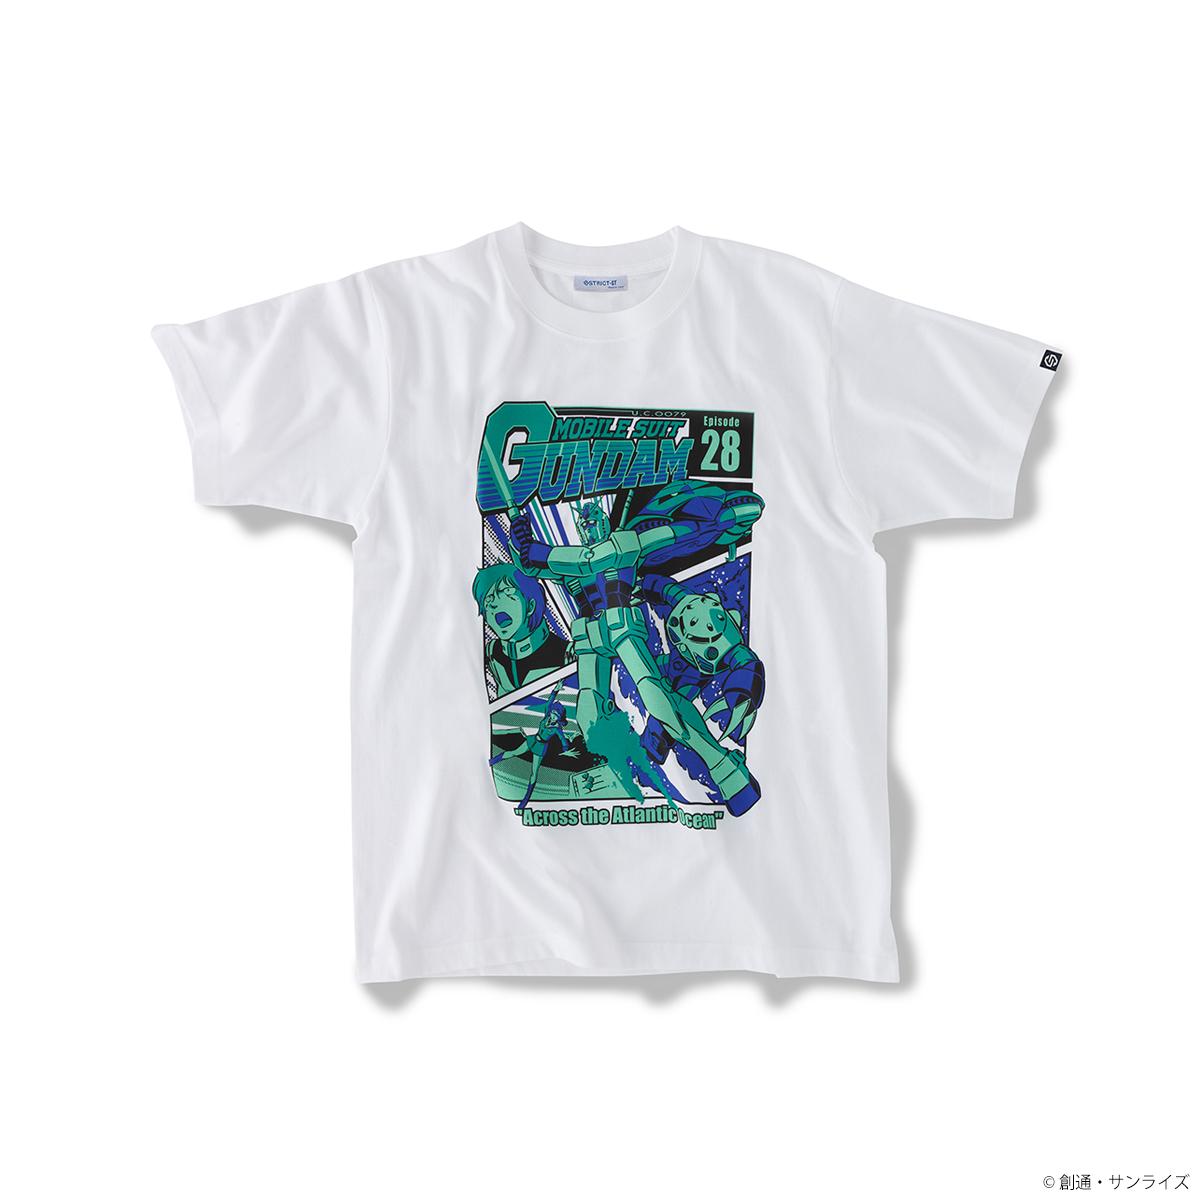 『機動戦士ガンダム』EPISODE Tシャツ エピソード28話「大西洋、血に染めて」